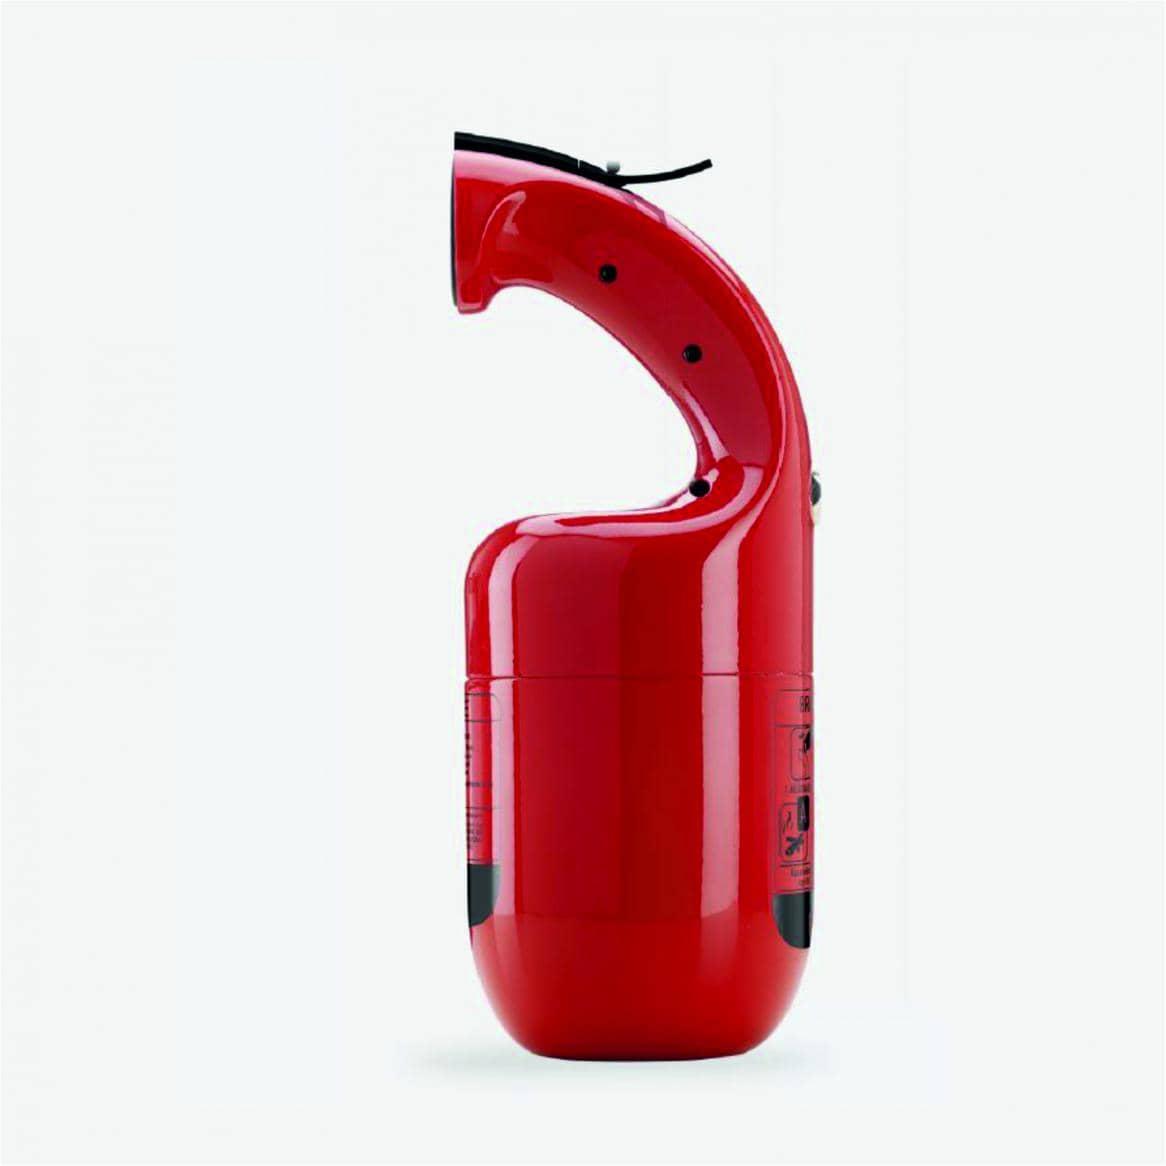 Firephant Feuerlöscher für den privaten Gebrauch